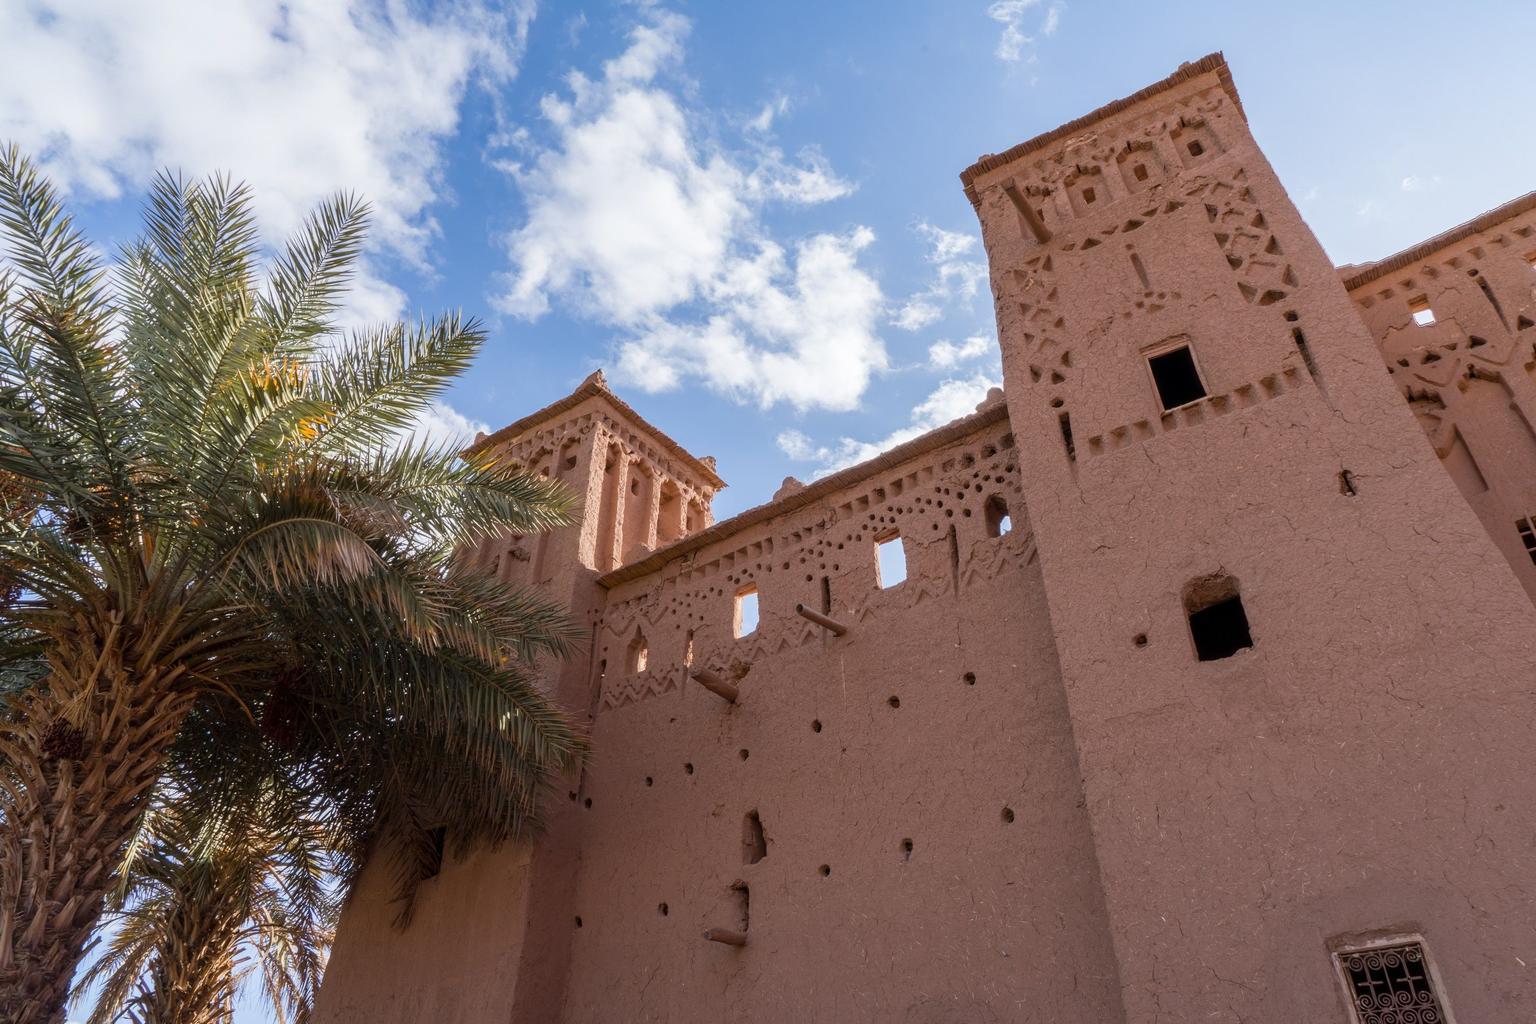 MÁS FOTOS, Excursión privada a Ait Ben Haddou por la carretera de las kasbahs desde Marrakech